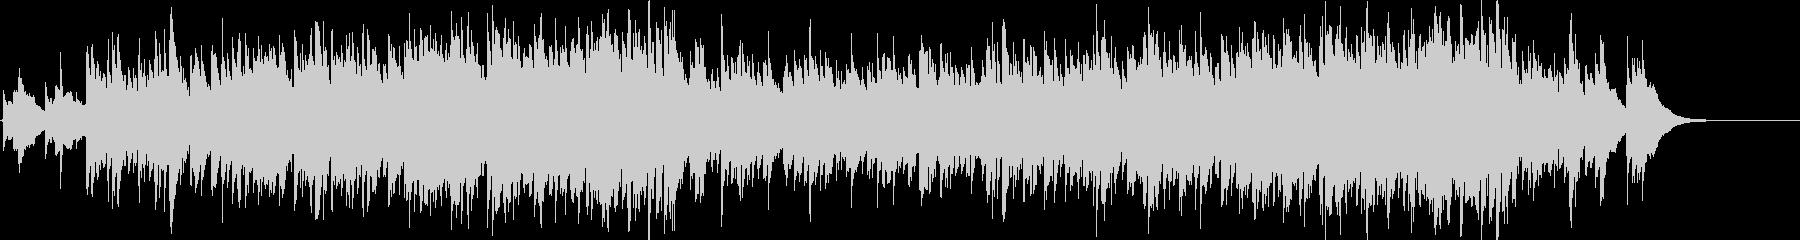 癒しギターのヒーリングBGMの未再生の波形